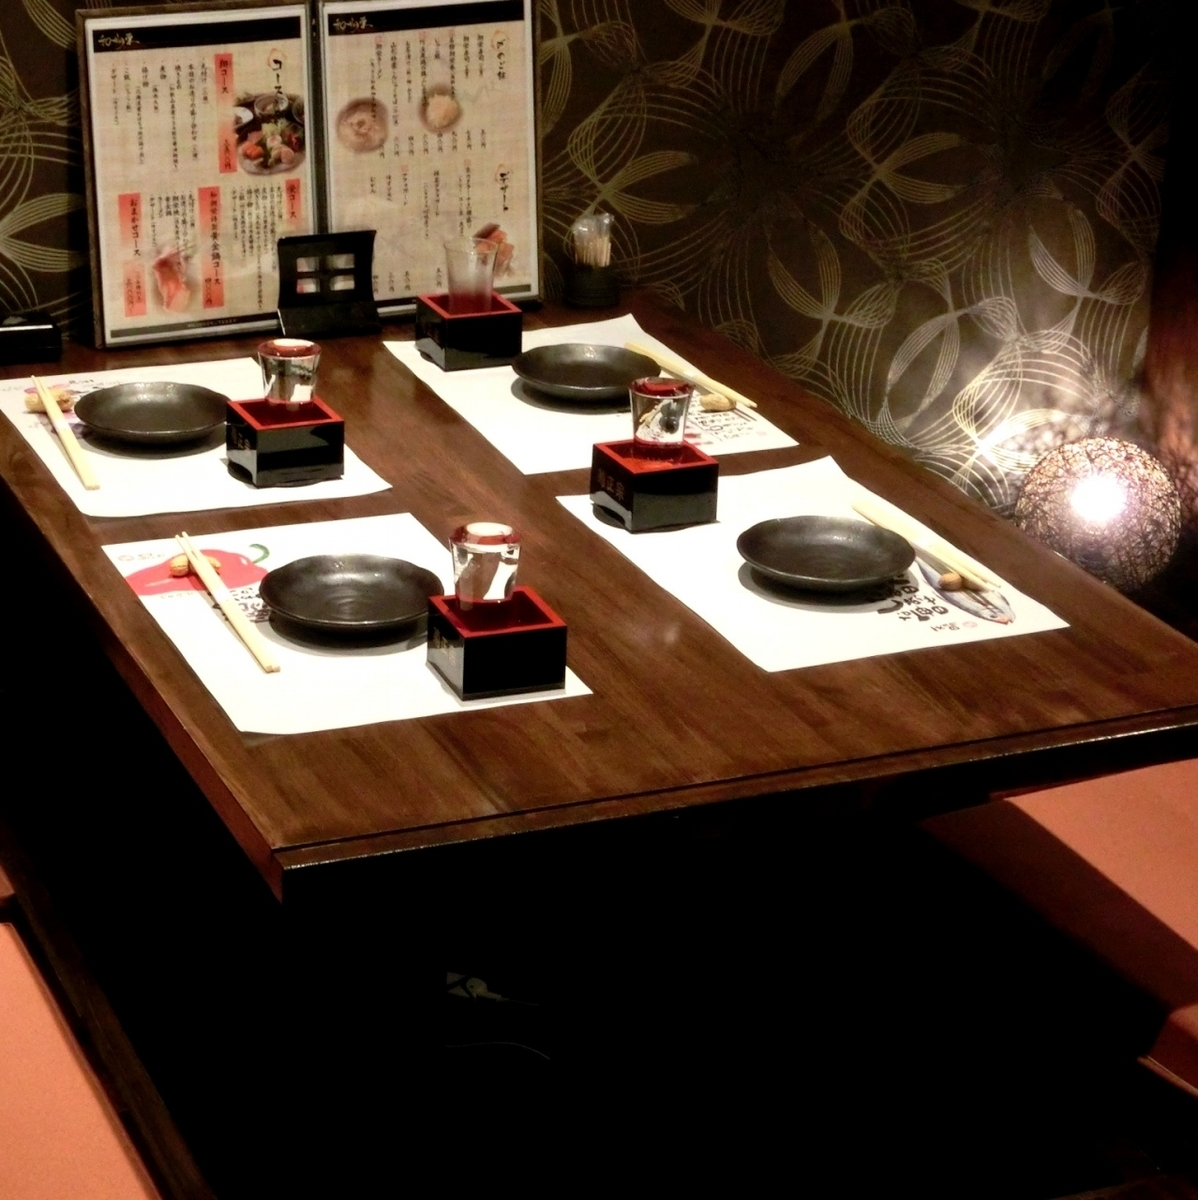 """我們正在準備一個私人房間,非常適合各種宴會,非常適合娛樂等。如果您想在Nishi Umeda享用私人晚宴,您絕對可以擁有""""Japanese Shokuei""""!日式私人房間,可用於娛樂★我們也有包房和團體的私人房間。"""